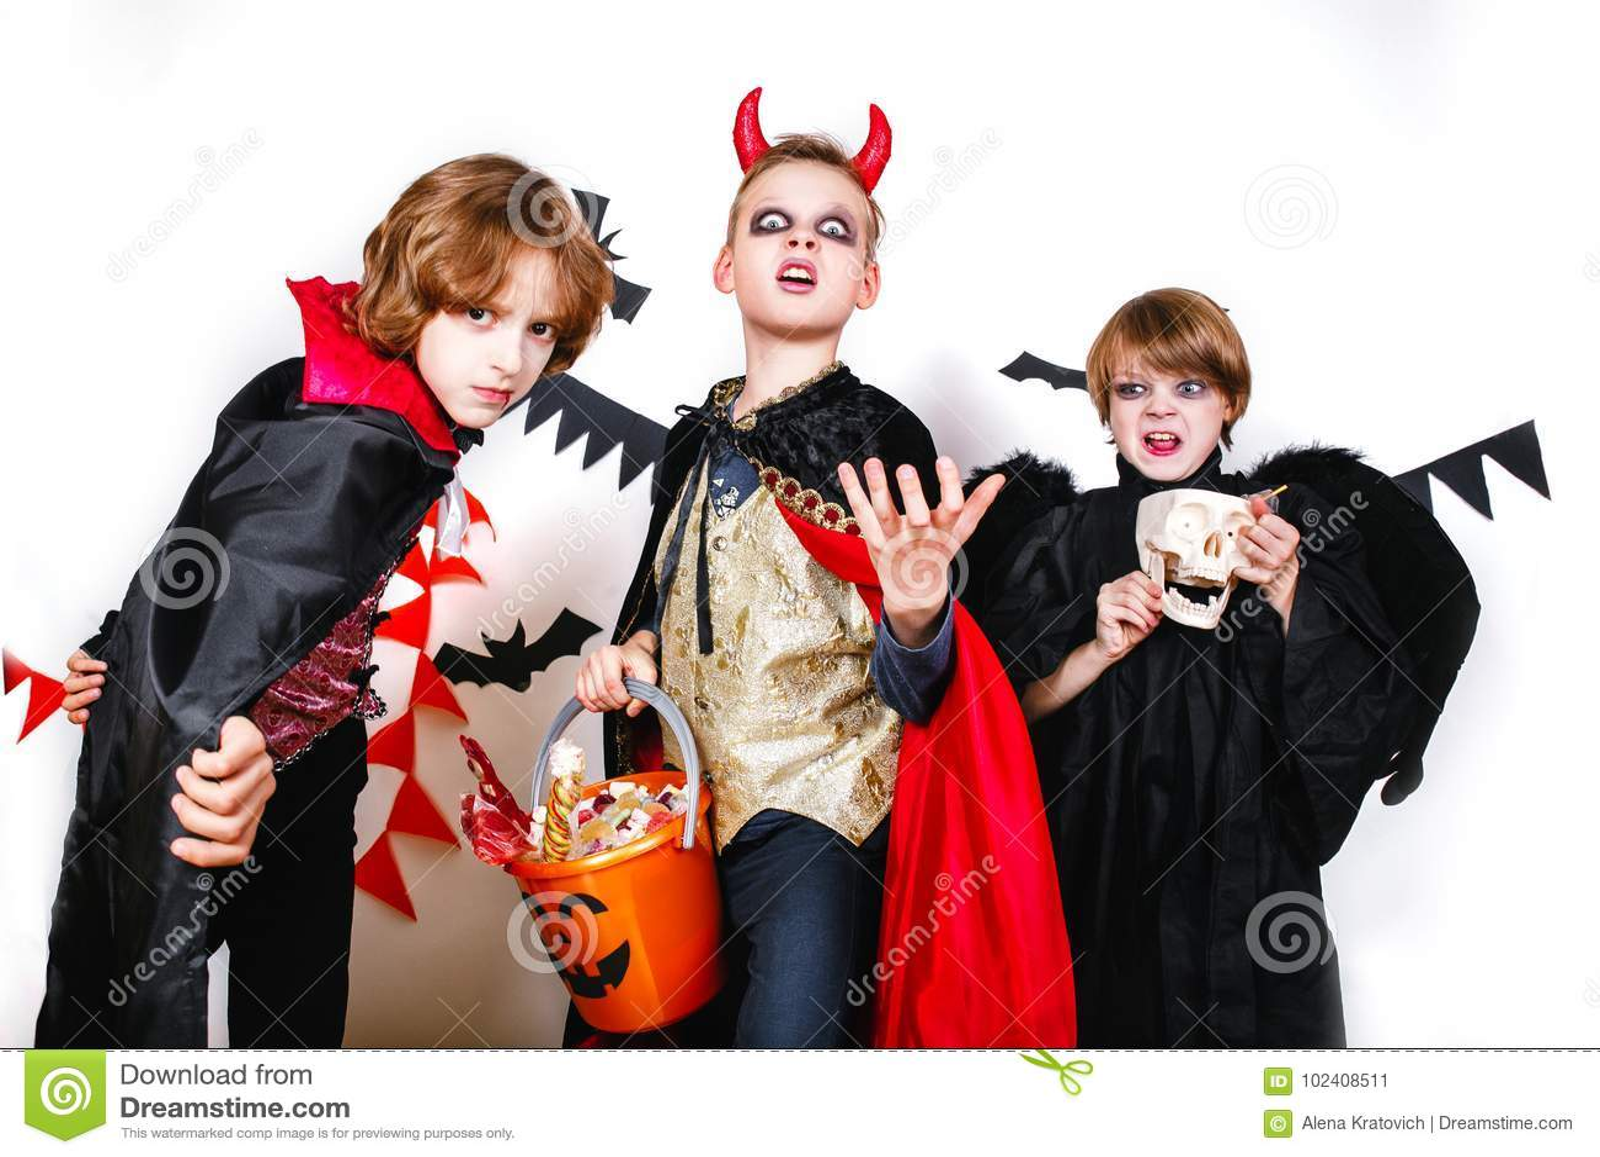 Kinderen Halloween.Lachende Grappige Kinderen In Kostuums In Halloween De Truc